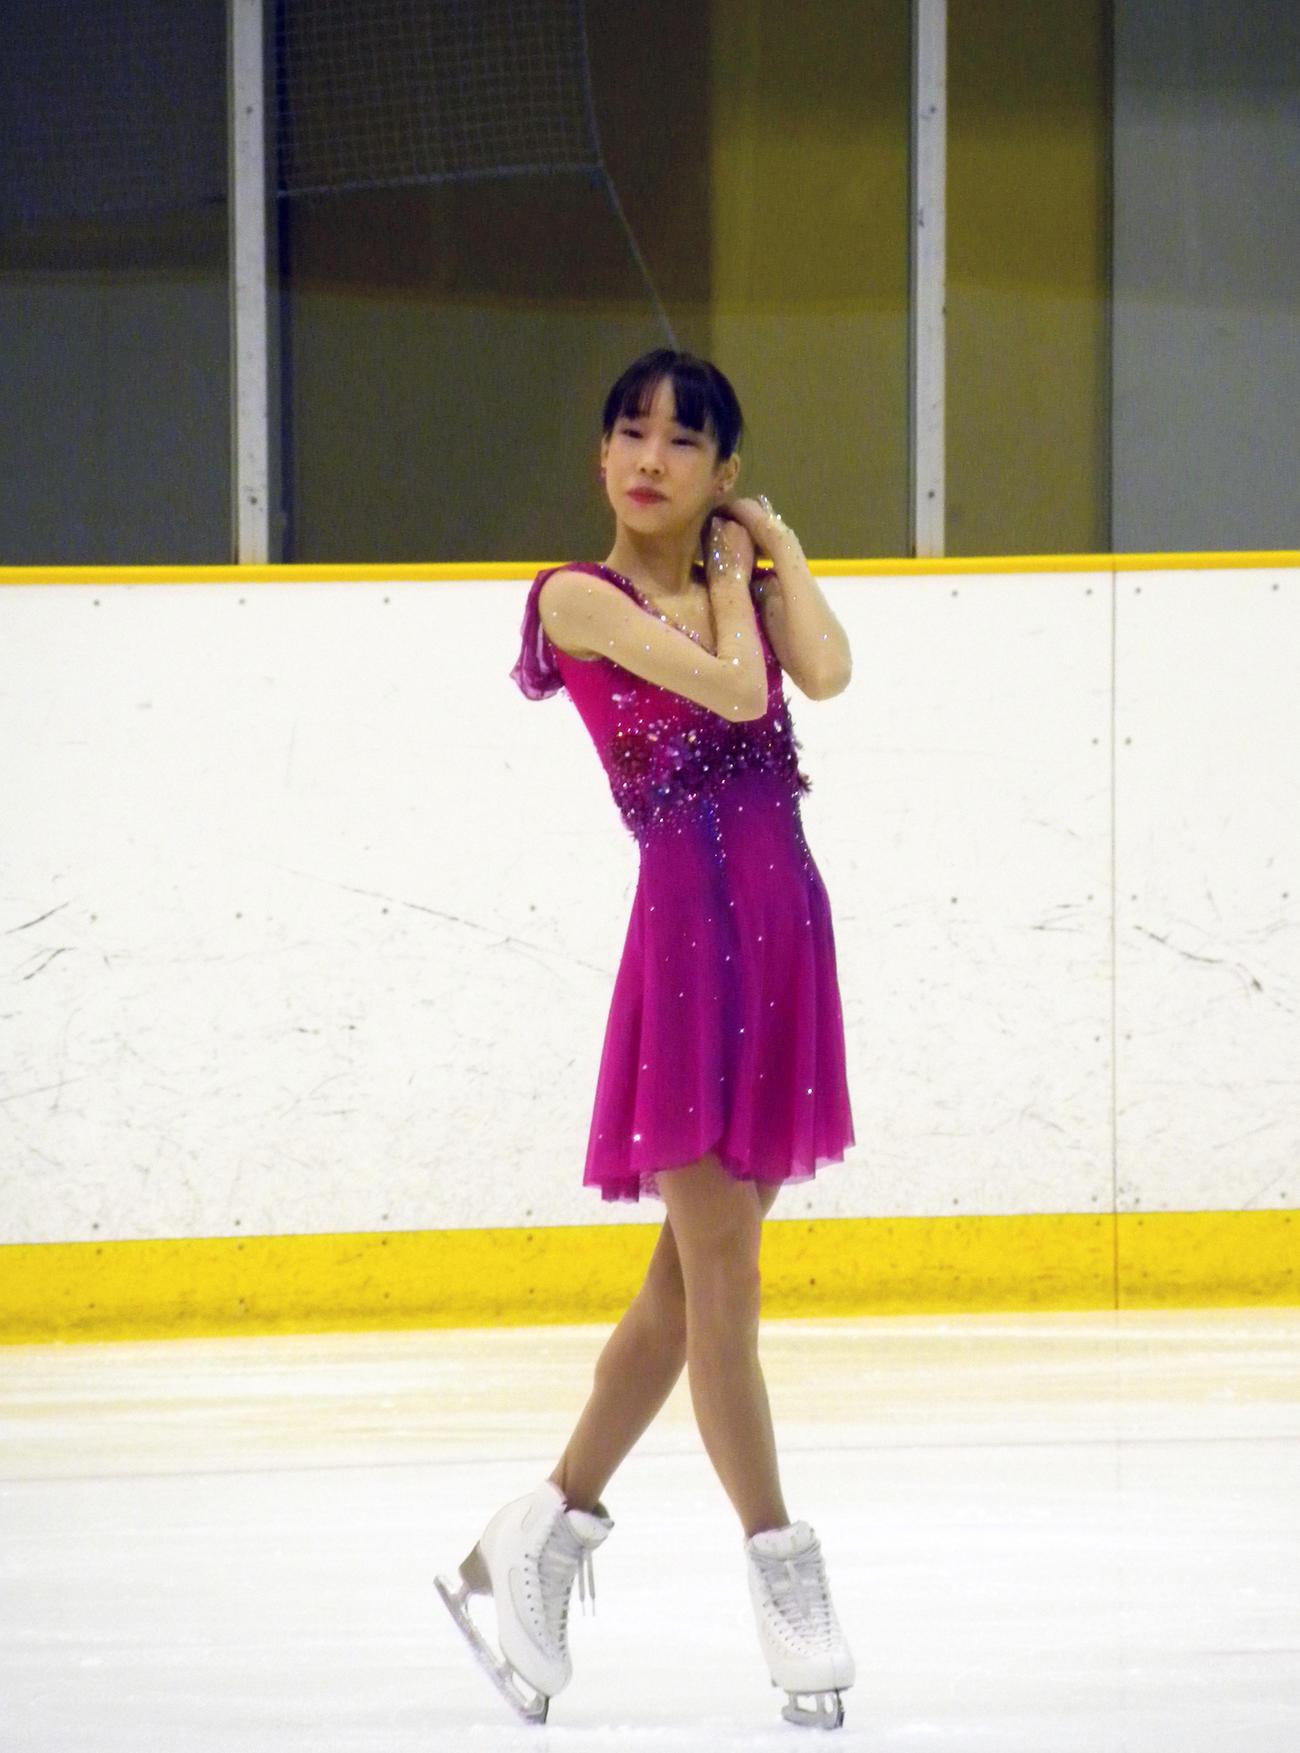 全兵庫選手権女子ショートプログラムで演技する三原舞依(撮影・松本航)